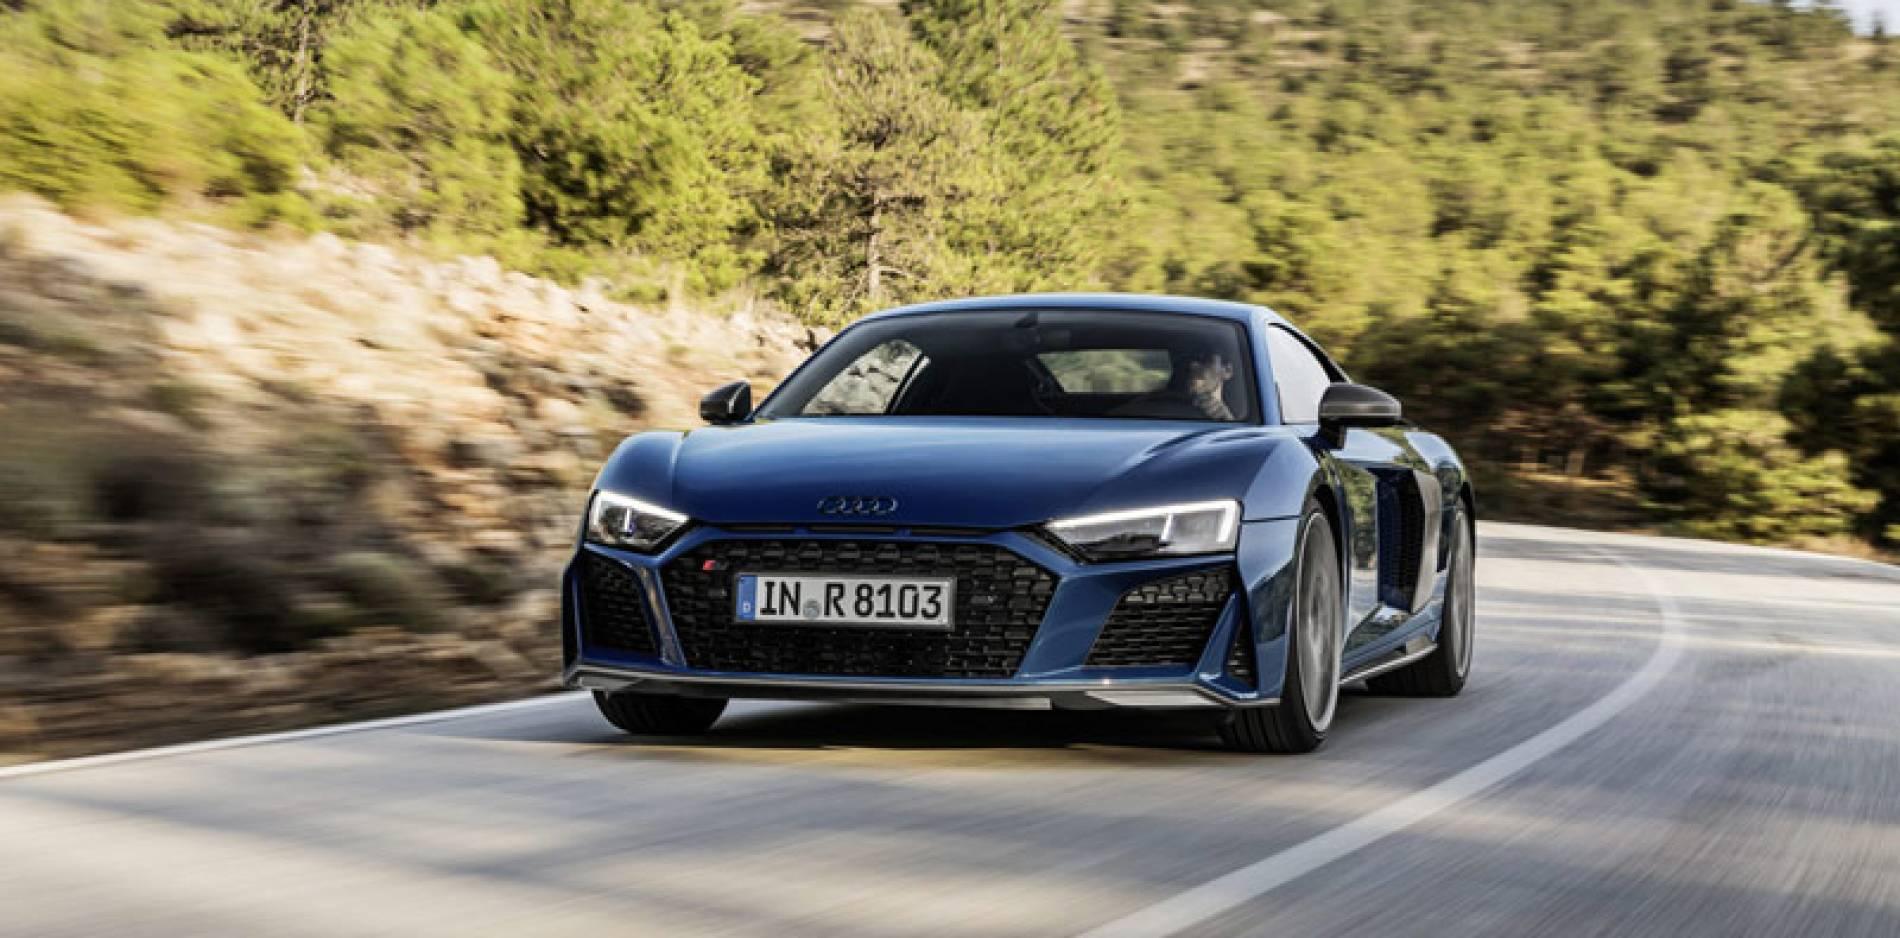 El Audi R8 se renueva para mostrar su versión más radical